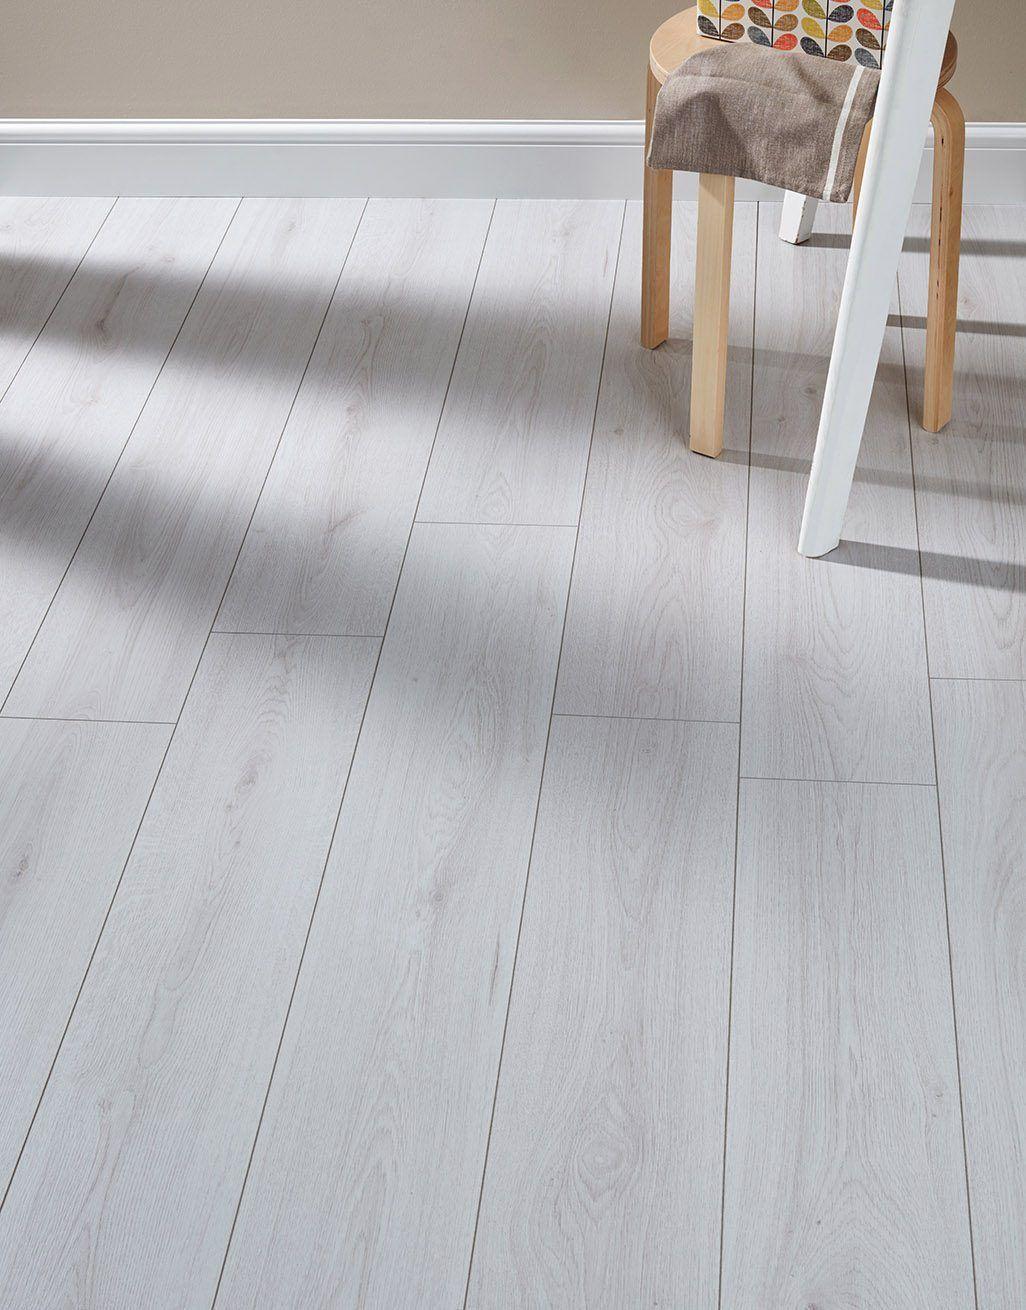 Farmhouse White Laminate Flooring in 2020 White